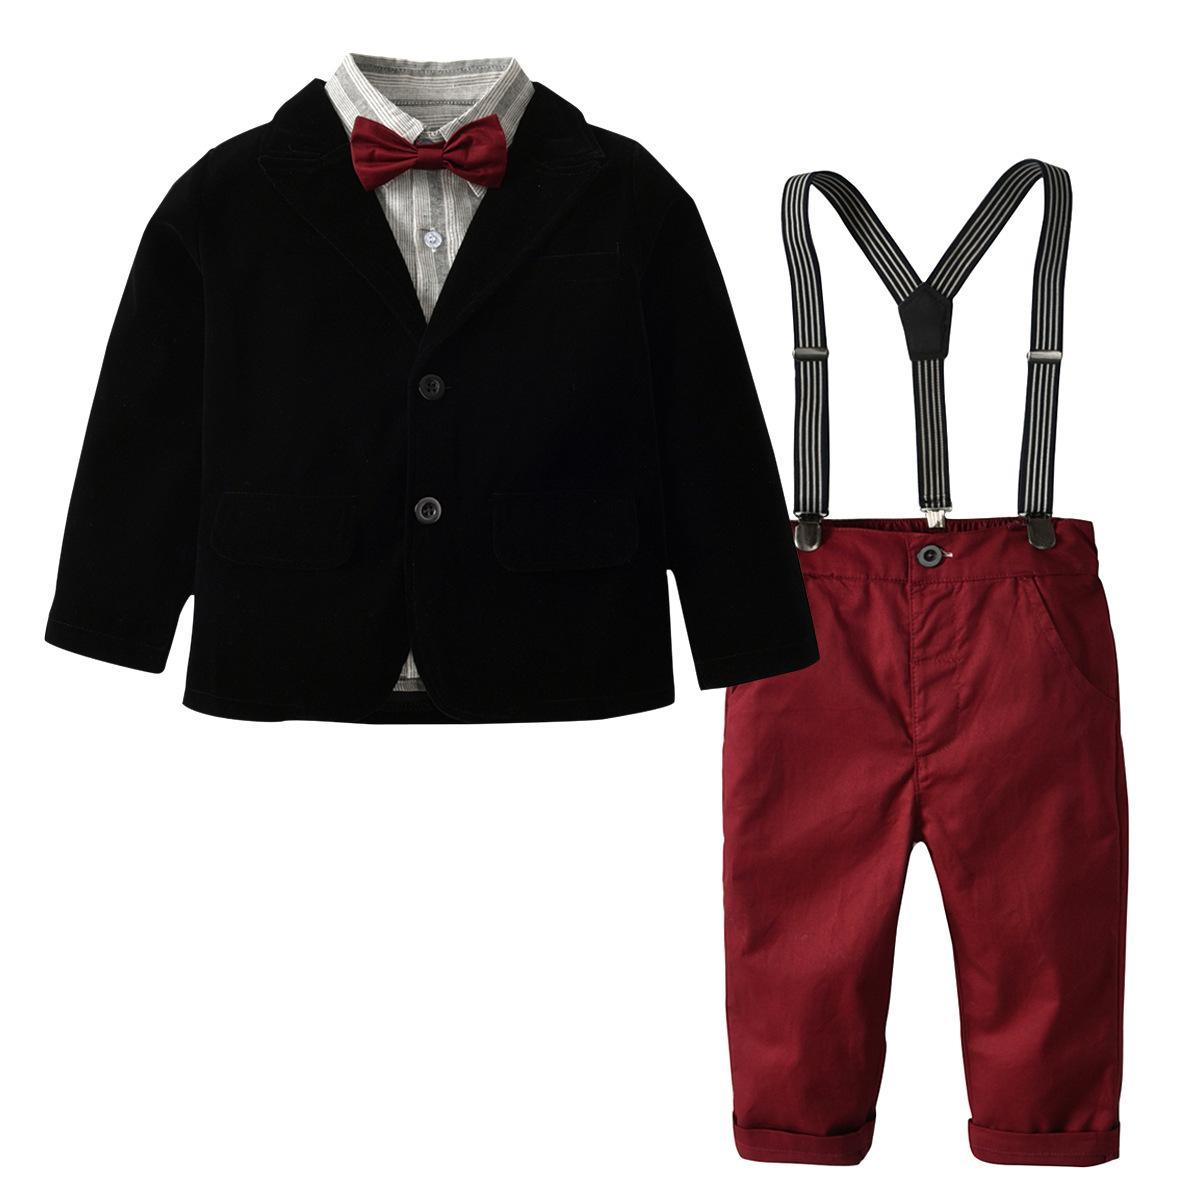 Bebé trajes de la etapa camisa del muchacho de los niños + pantalón + chaqueta + pajarita traje de fiesta de las flores vestido de traje de niño chico